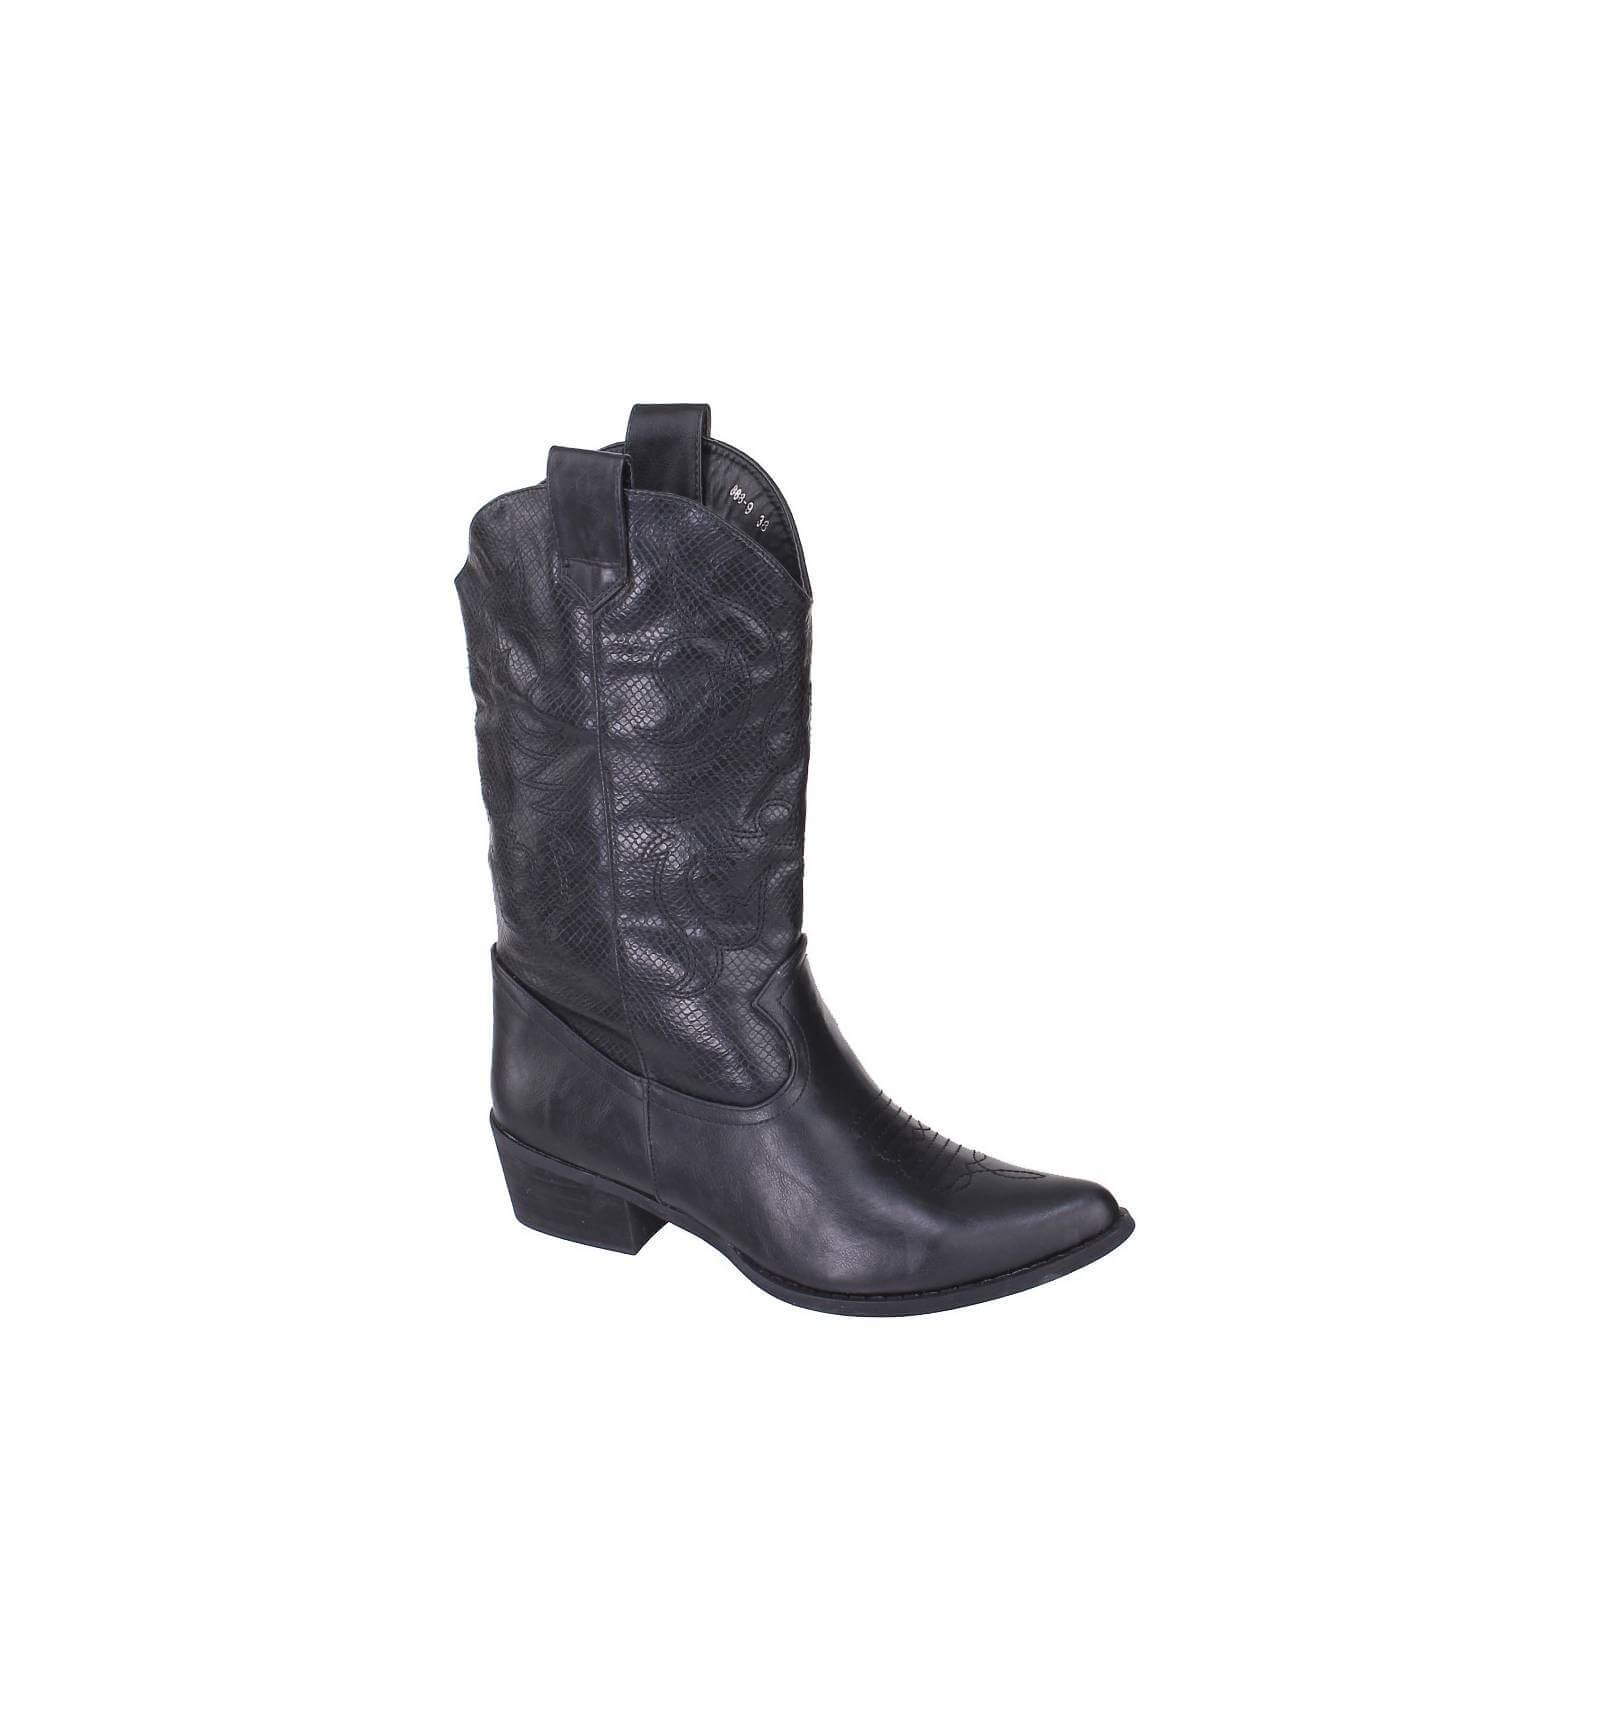 botte femme simili cuir d 39 excellente serpent motif brod noir western. Black Bedroom Furniture Sets. Home Design Ideas